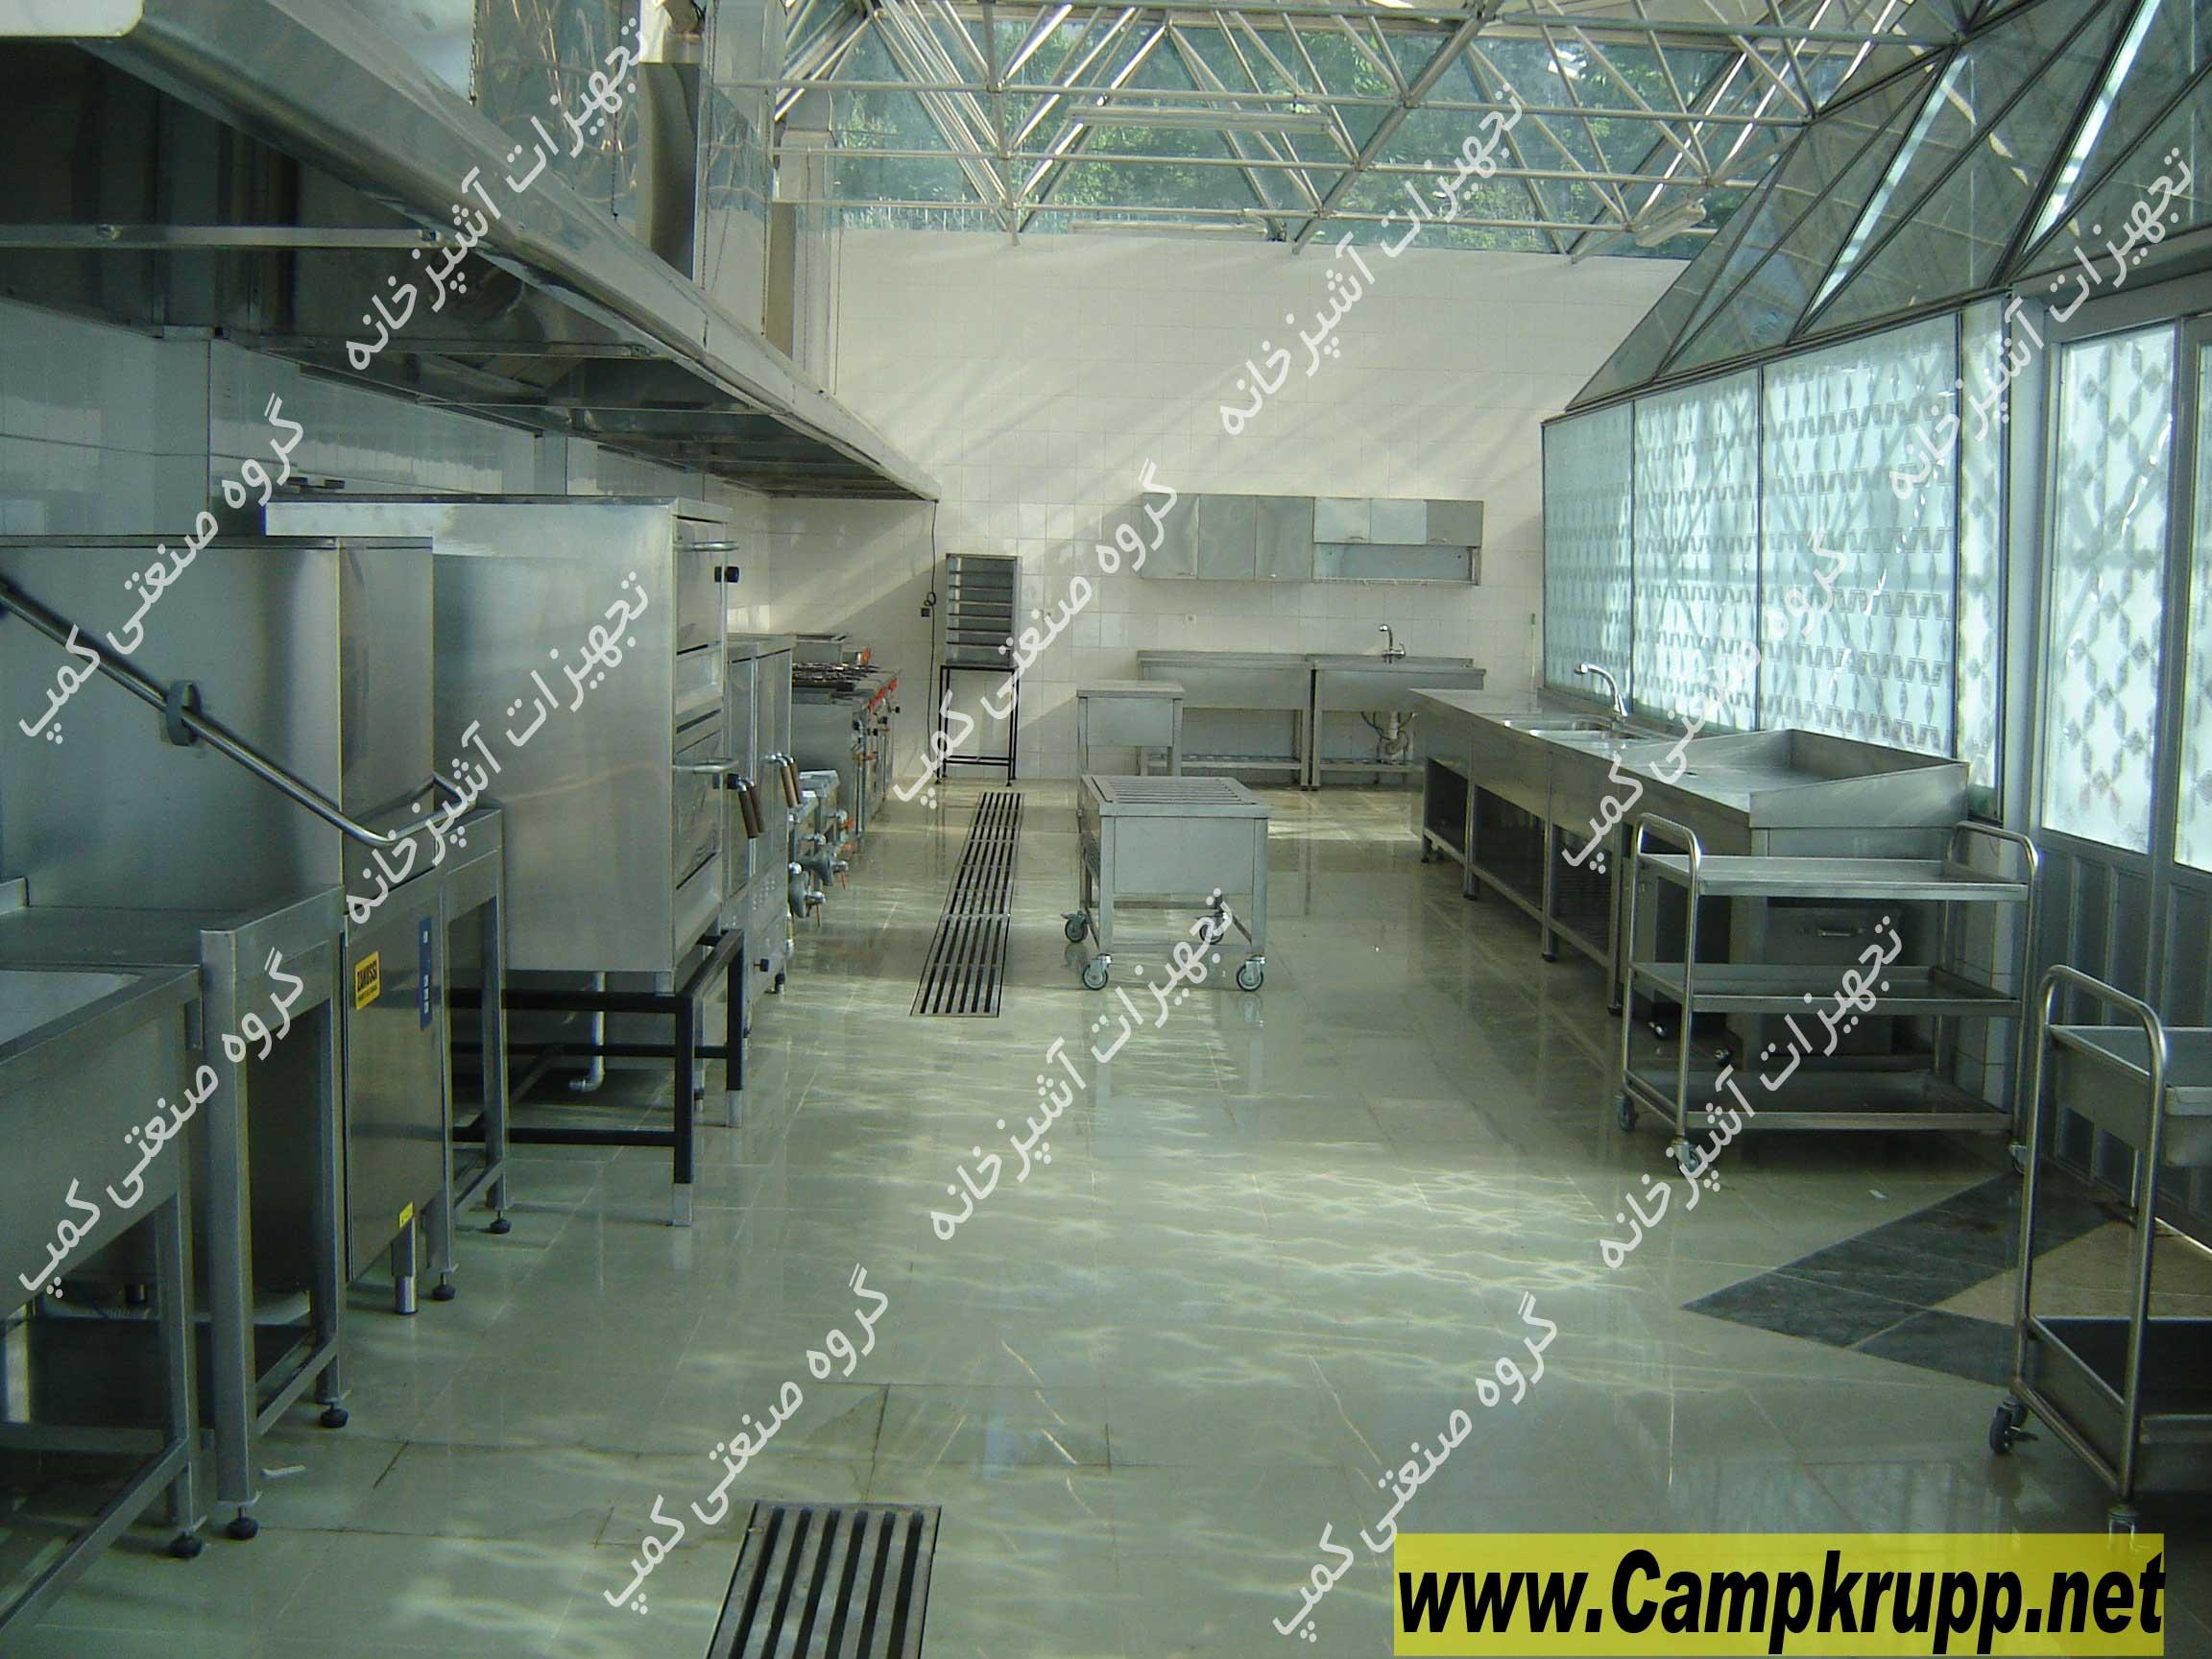 تجهیزات رستوران و آشپزخانه صنعتی